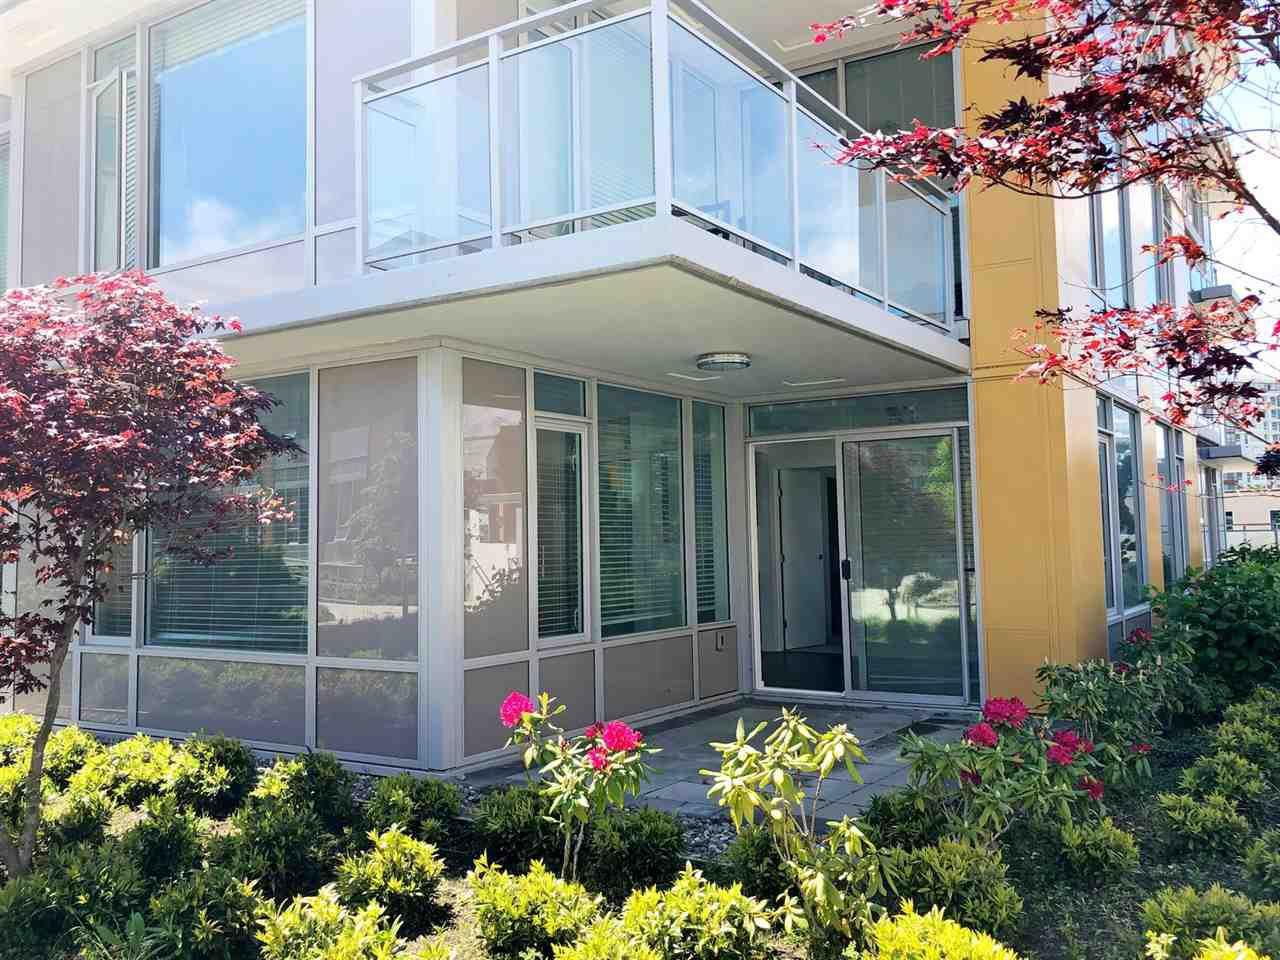 """Main Photo: 312 7688 ALDERBRIDGE Way in Richmond: Brighouse Condo for sale in """"TEMPO"""" : MLS®# R2370123"""